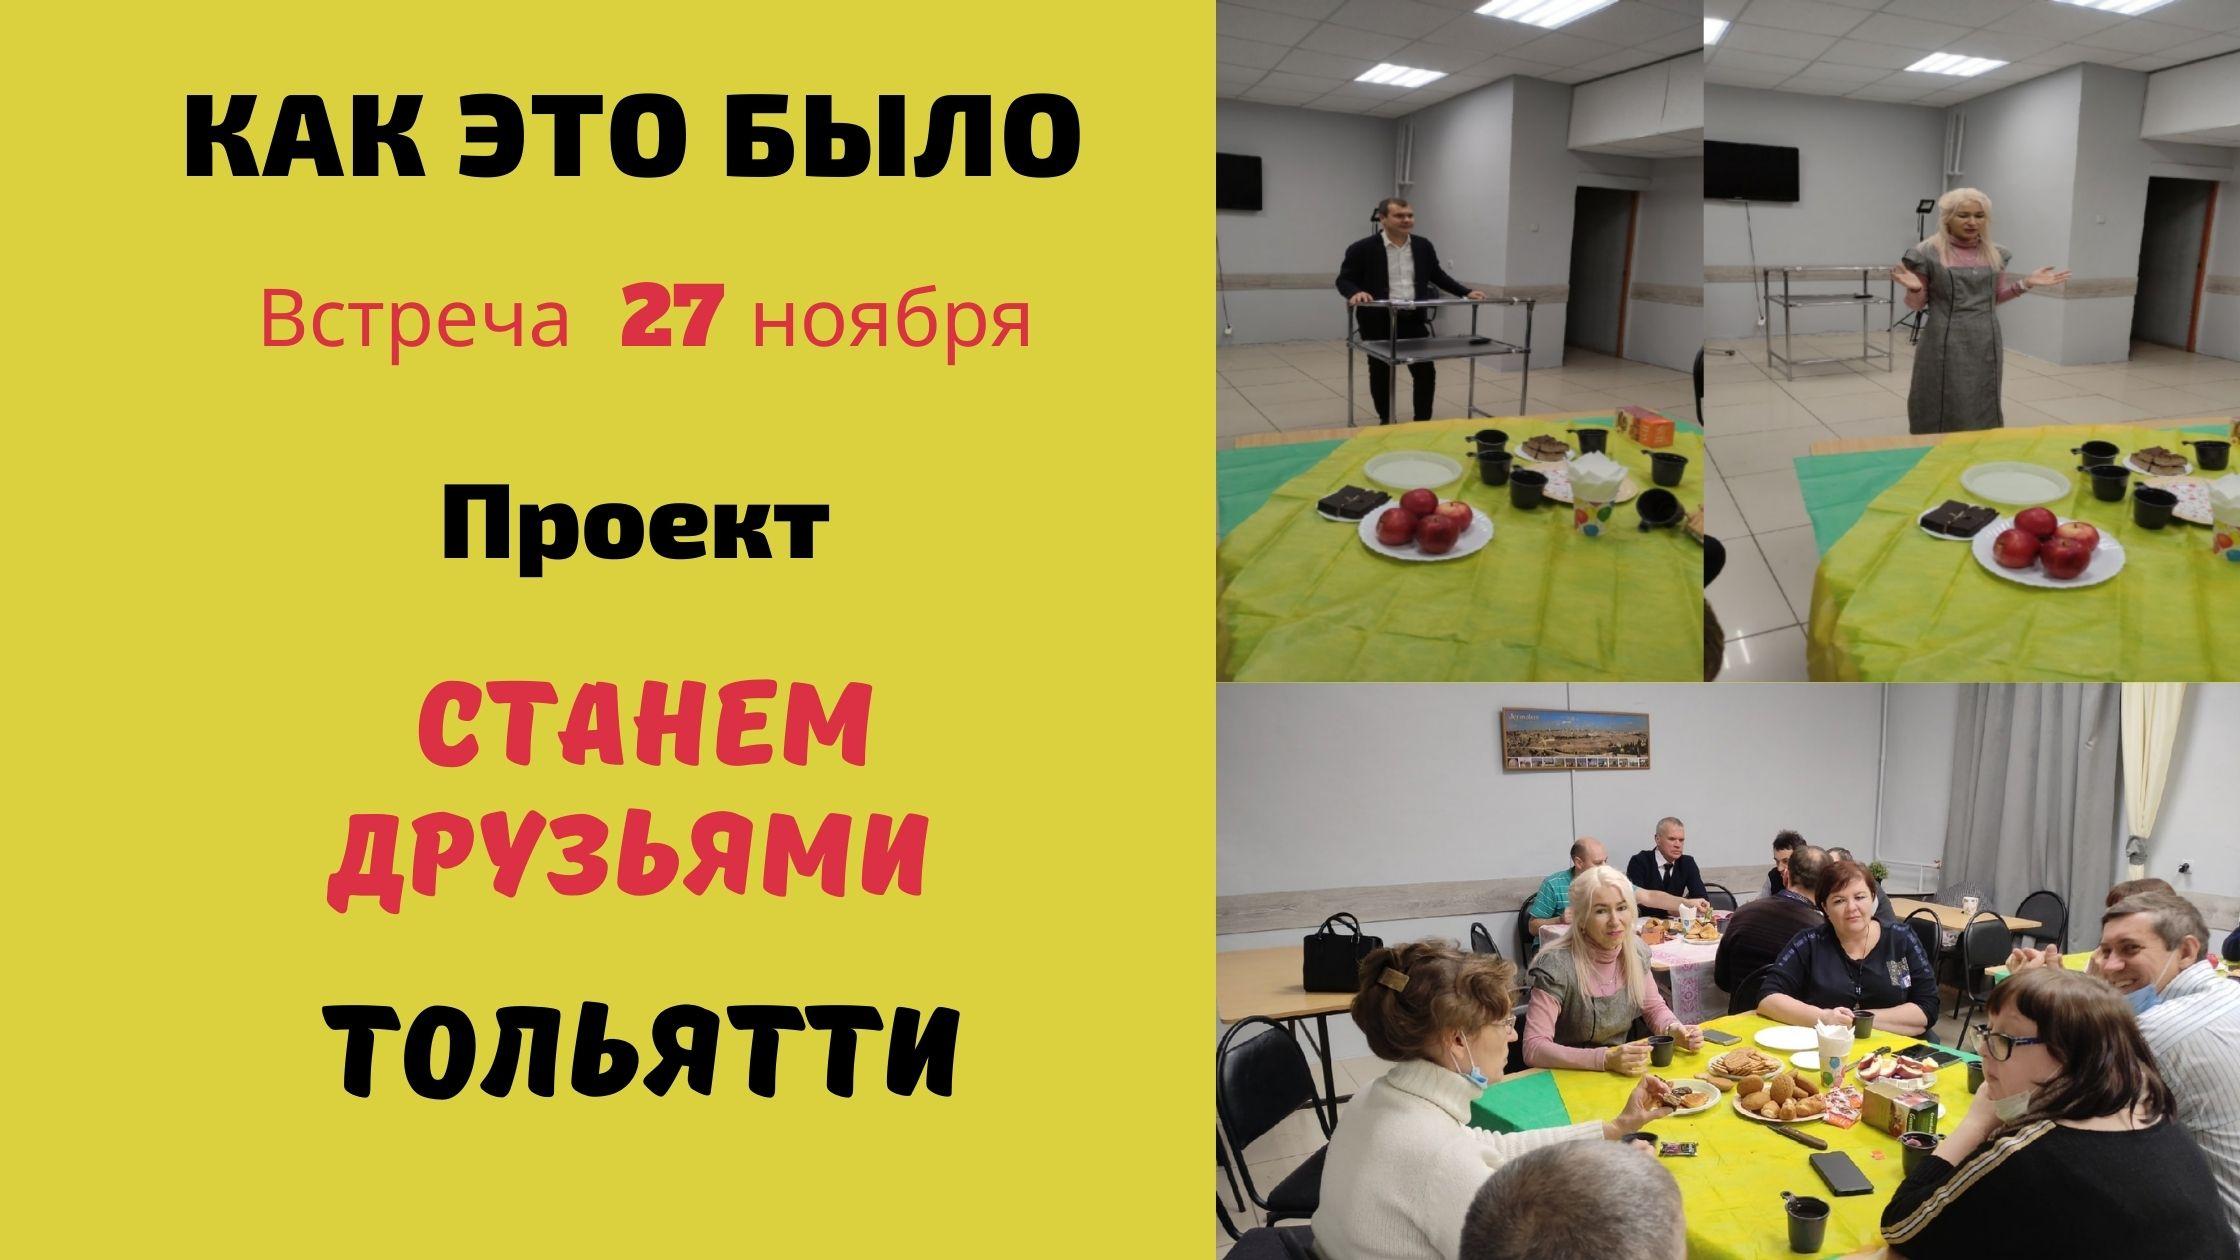 Как это было 27 ноября встреча Станем друзьями Тольятти